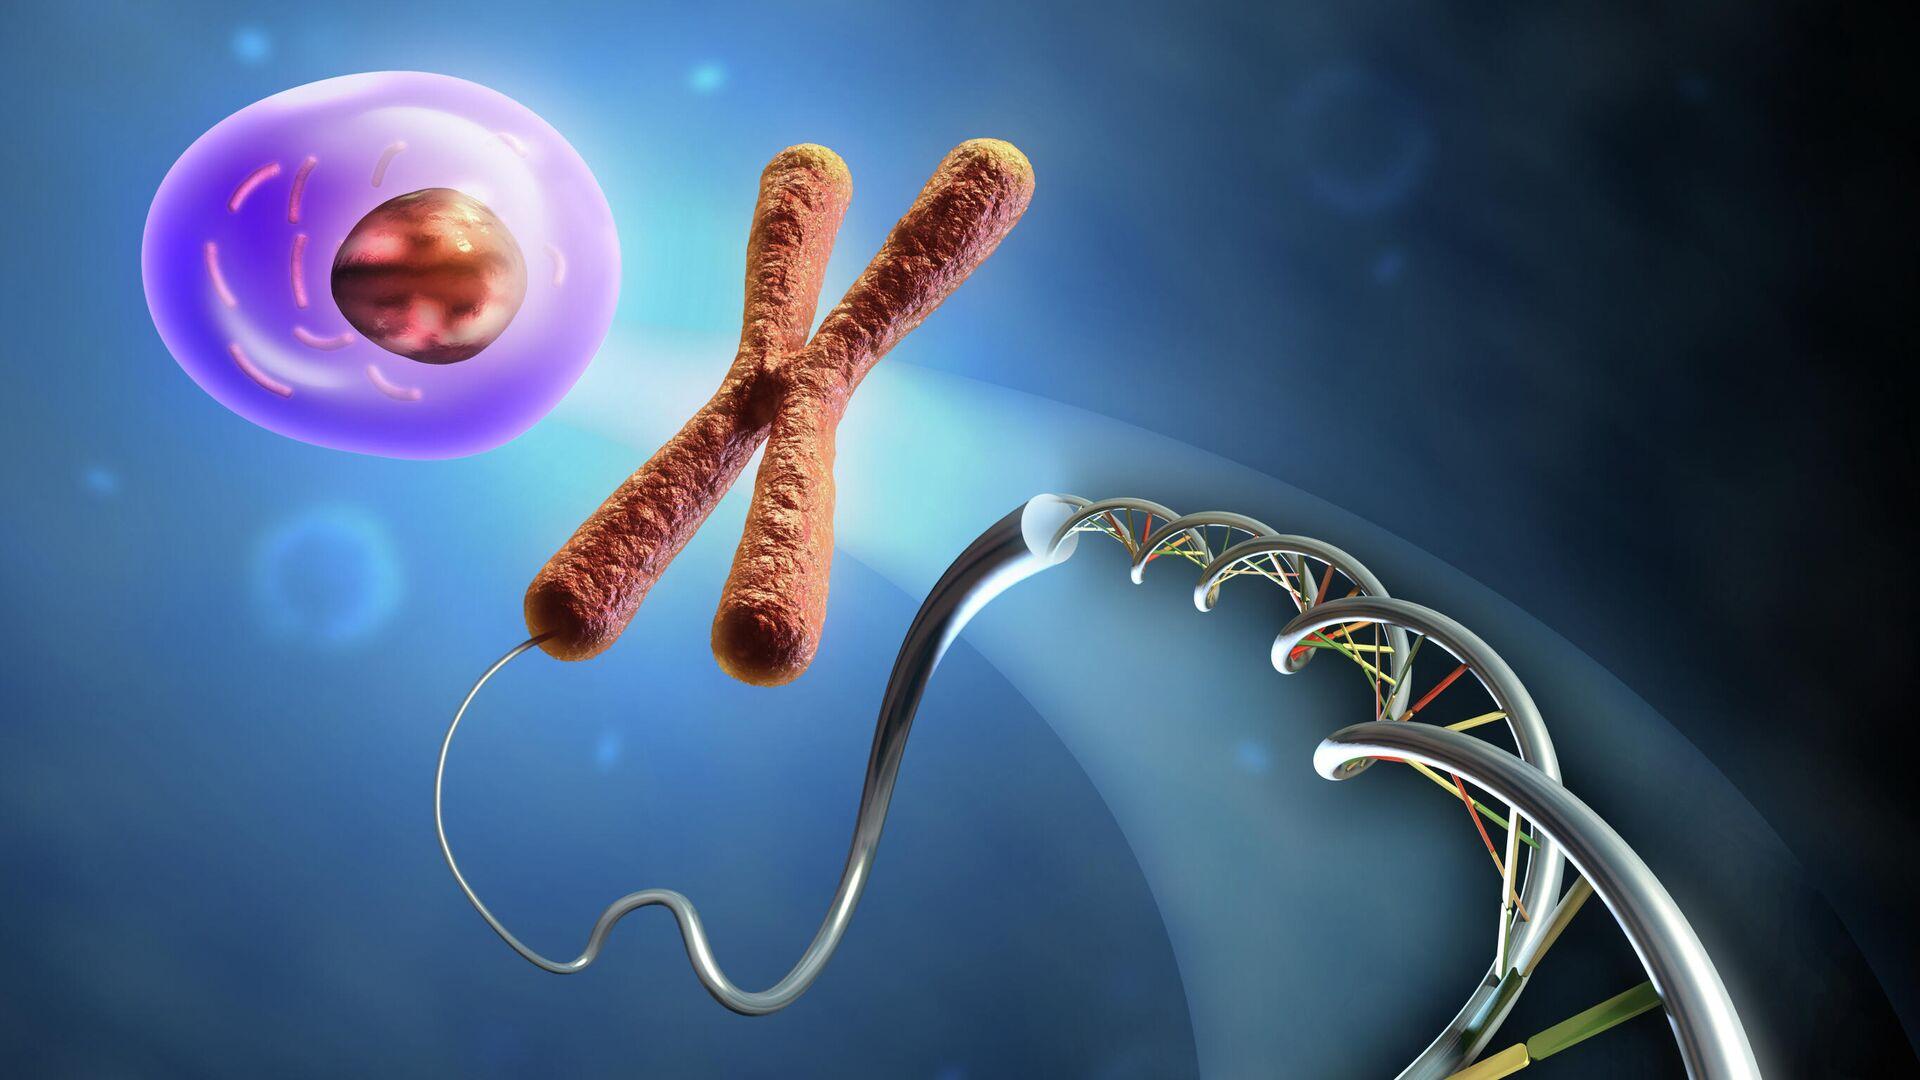 Образование клетки из ДНК и хромосом - РИА Новости, 1920, 26.11.2020